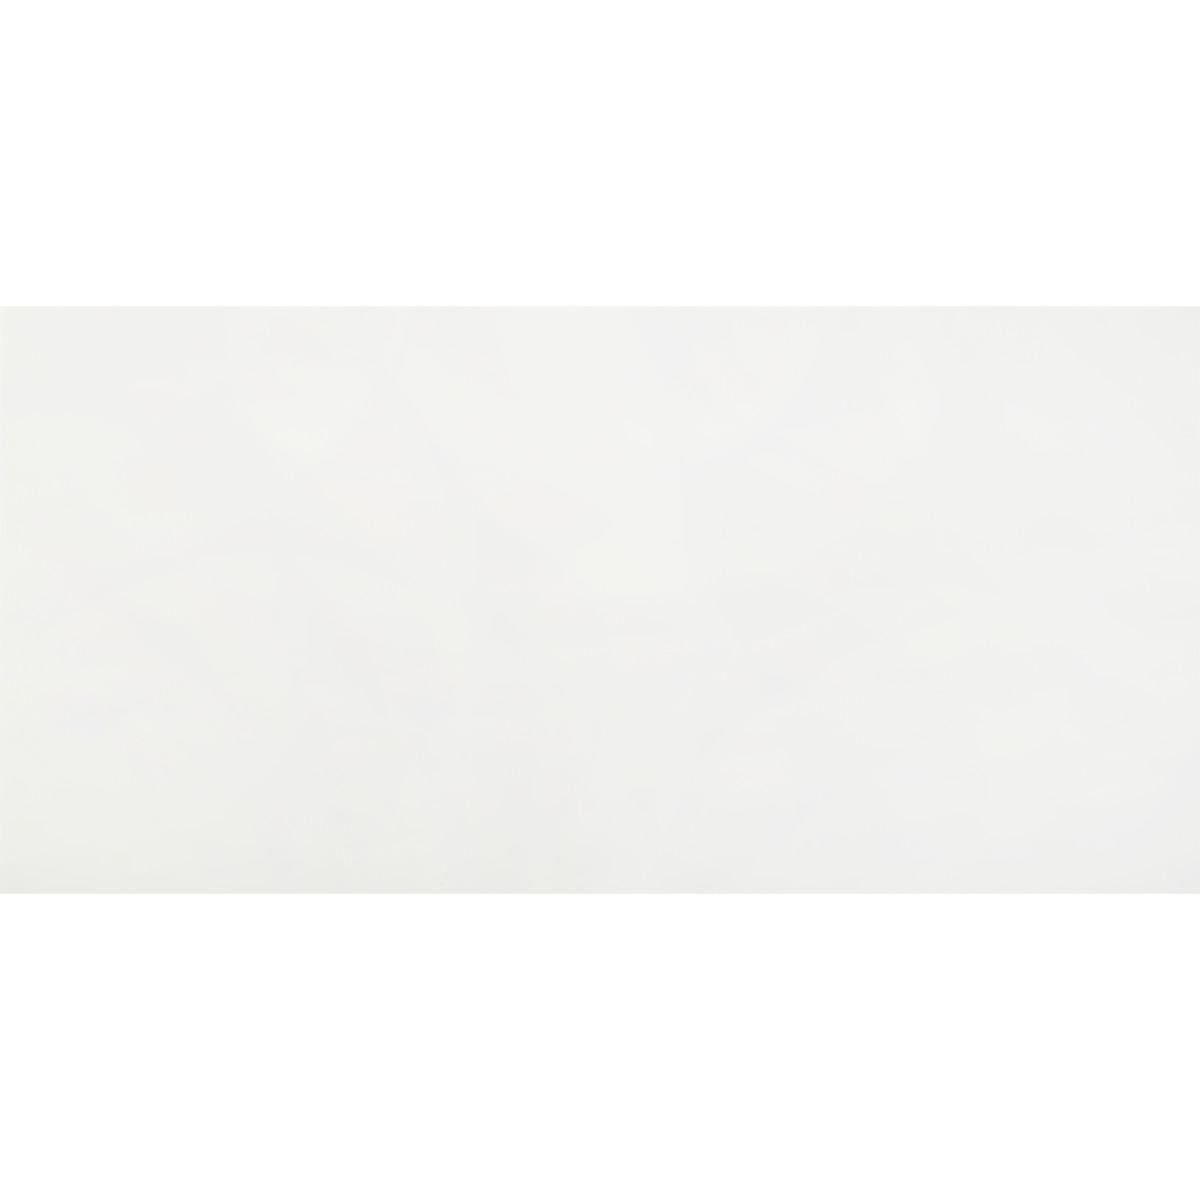 Плитка настенная Айс 30х60 см 1.26 м² цвет белый глянцевый